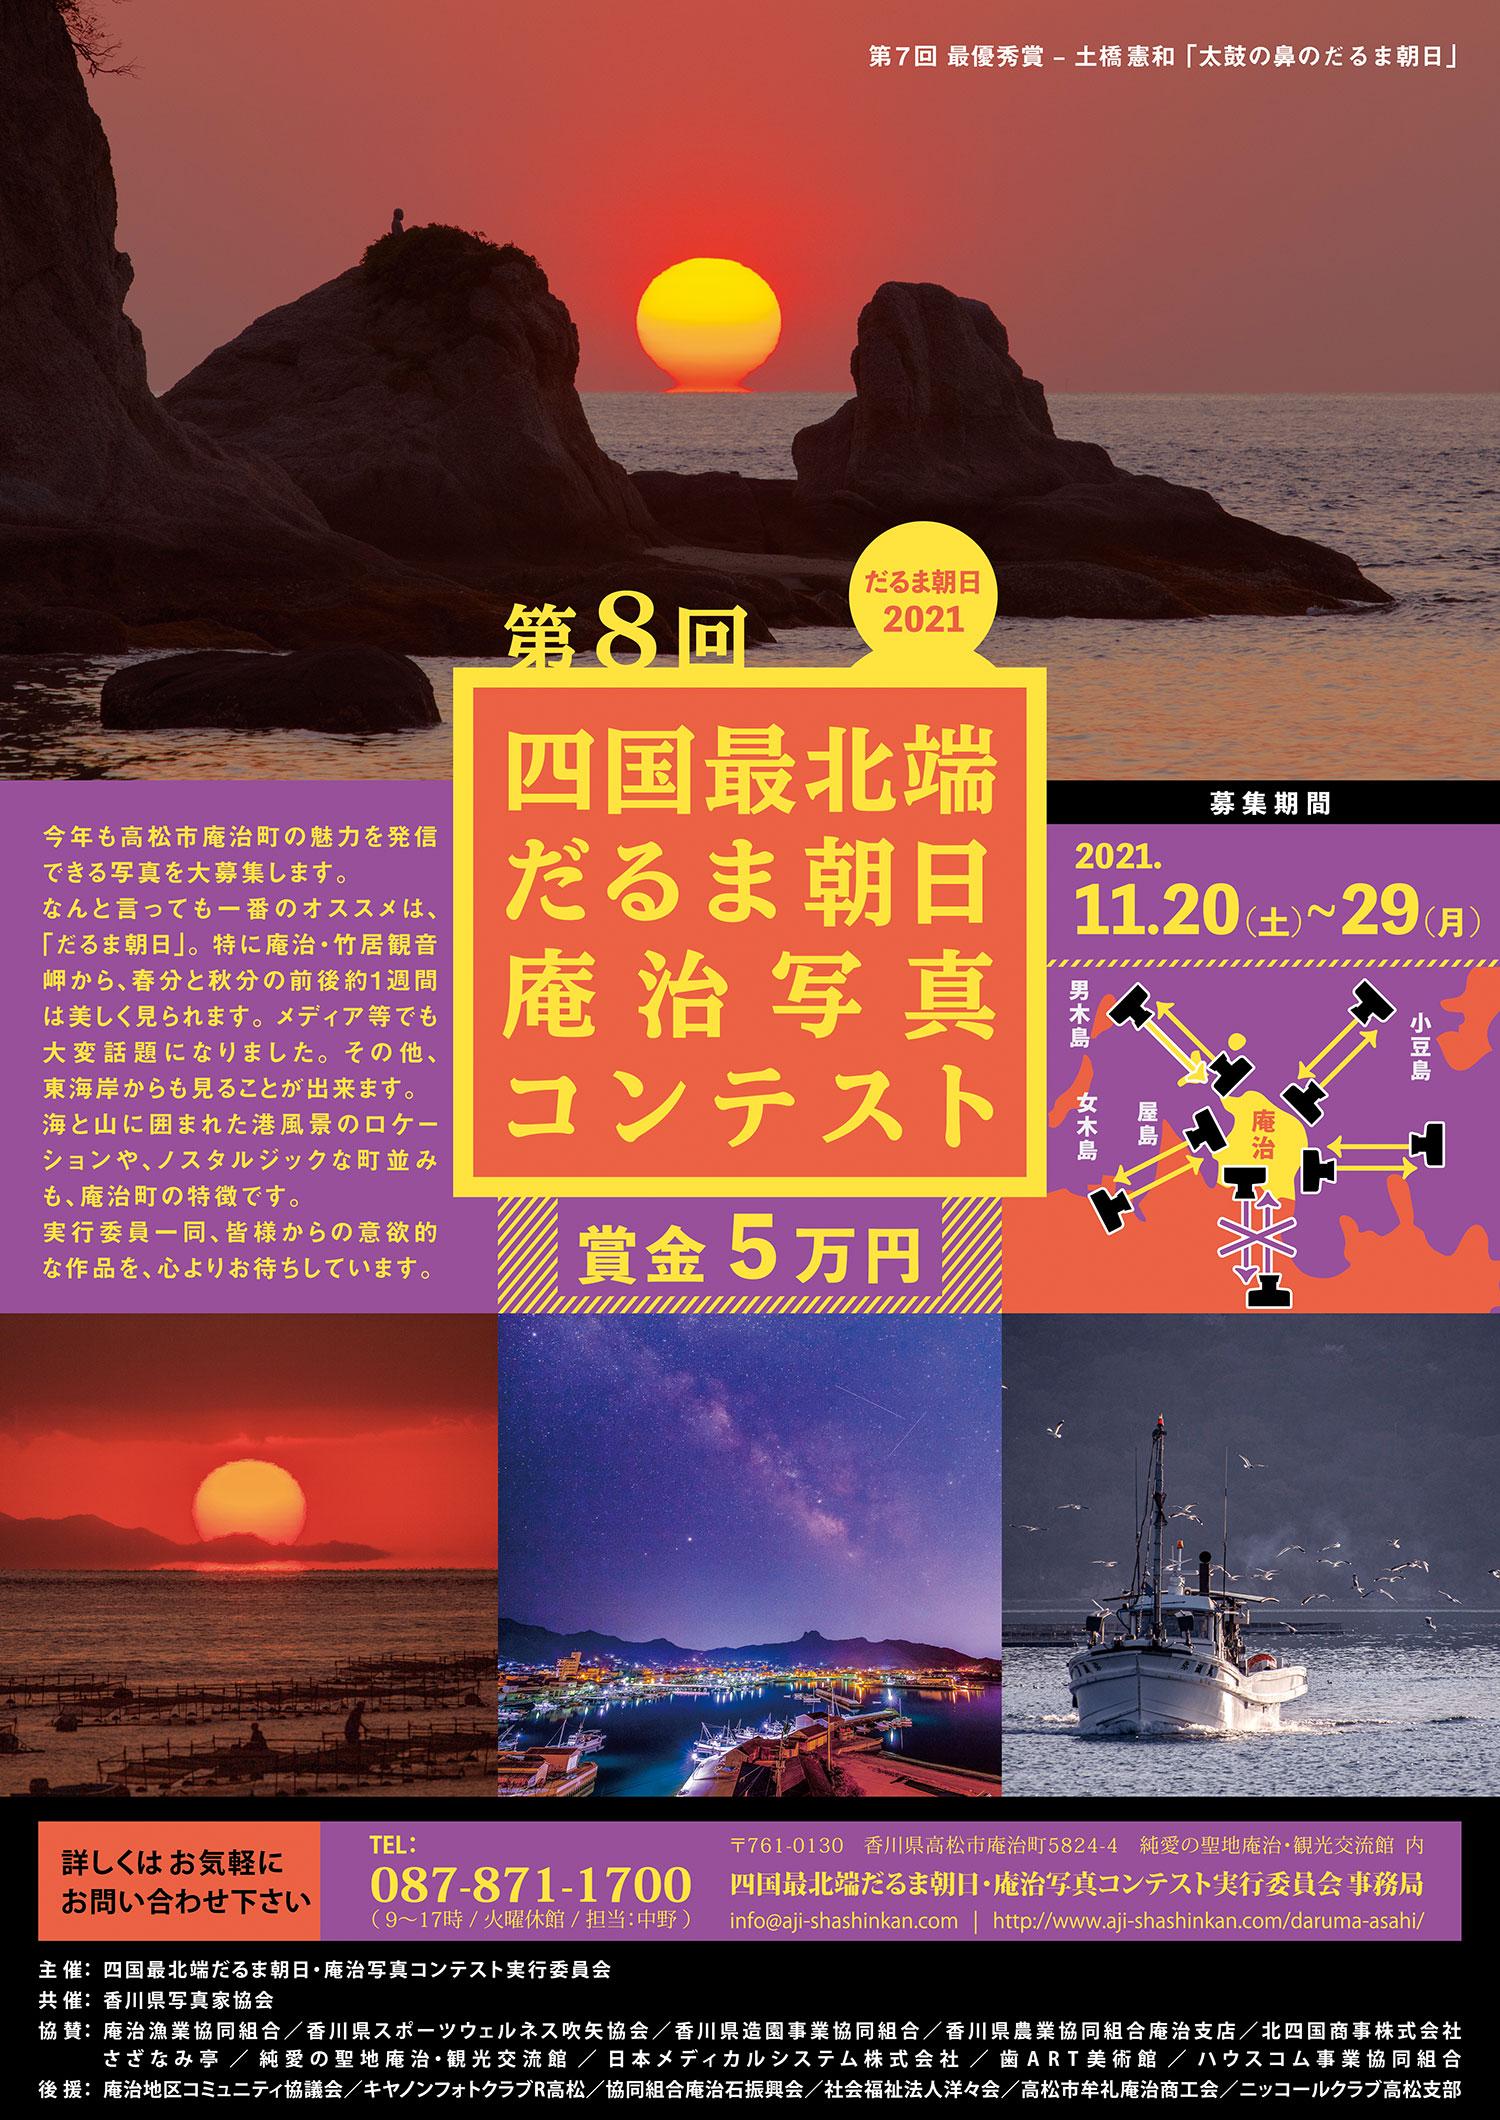 第8回(2021年度) 四国最北端だるま朝日・庵治写真コンテスト 応募要項 ポスター